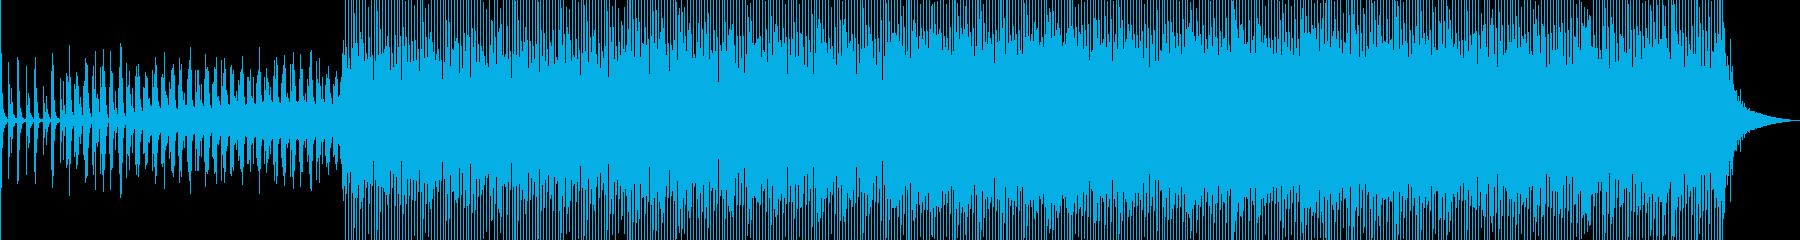 明るく優しいハウスミュージック_aの再生済みの波形